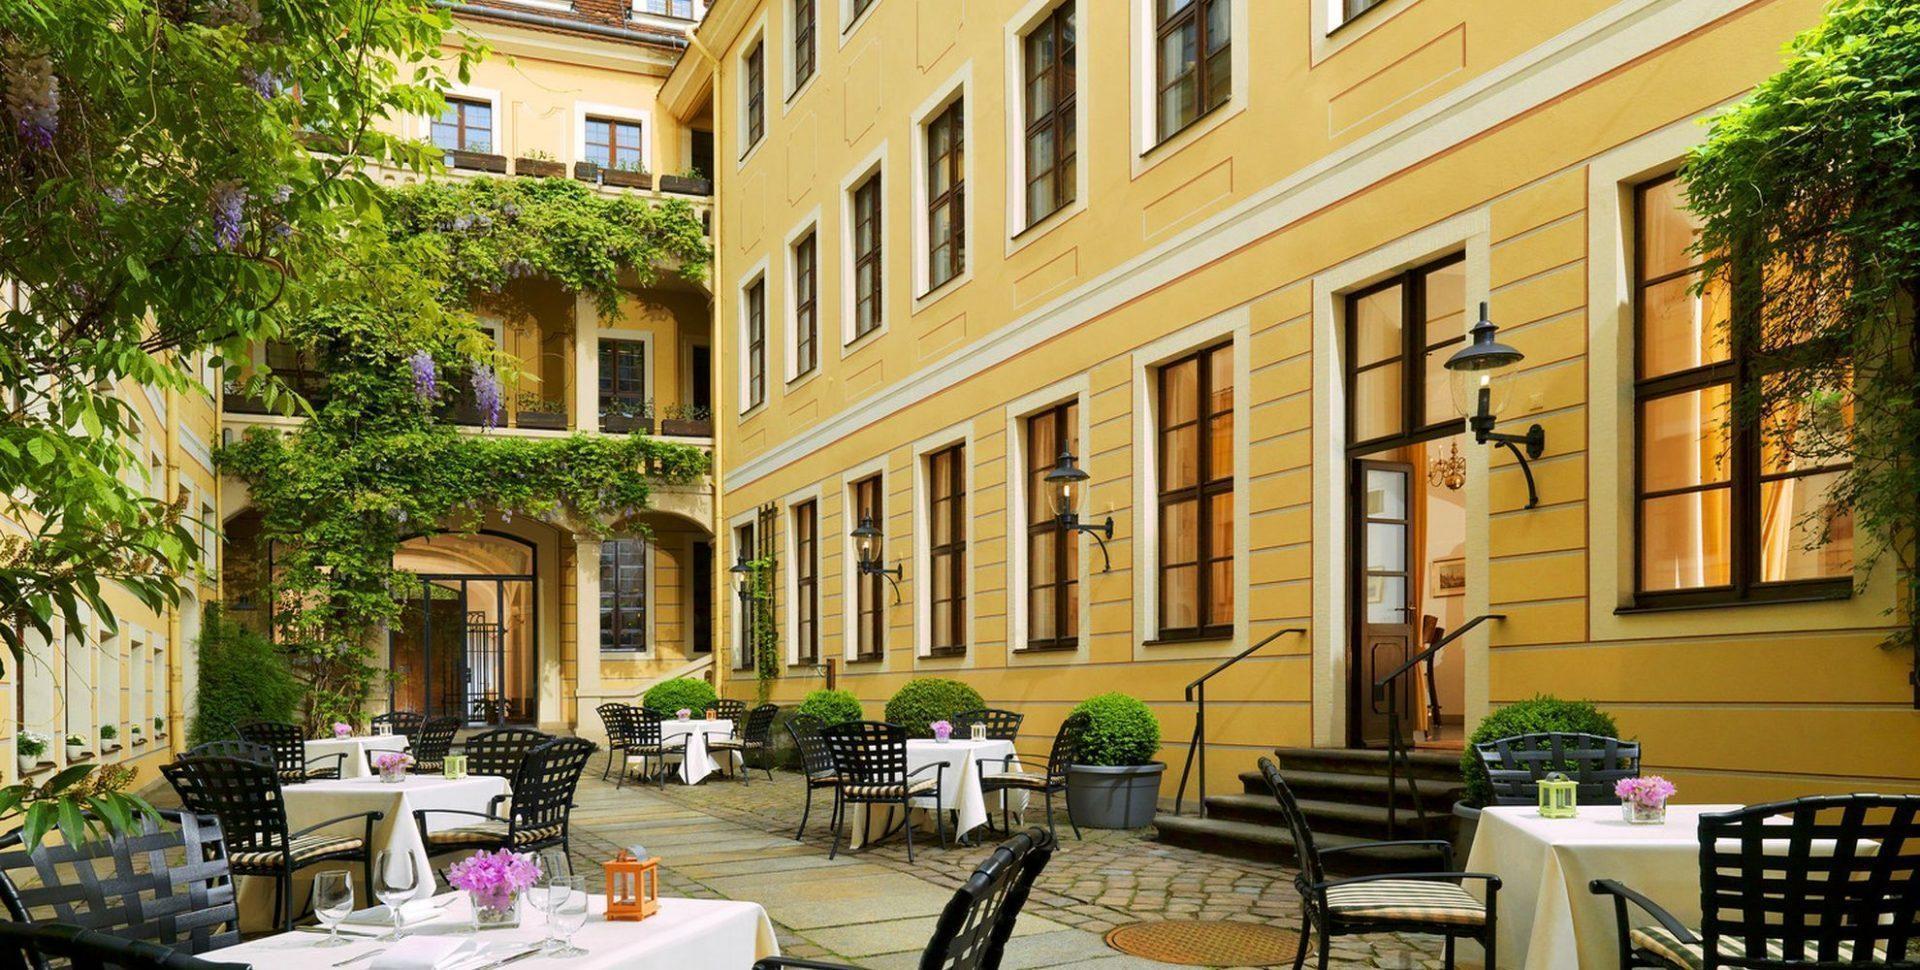 The Westin Bellevue Dresden - Cafe Bar Pöppelmann Innenhof